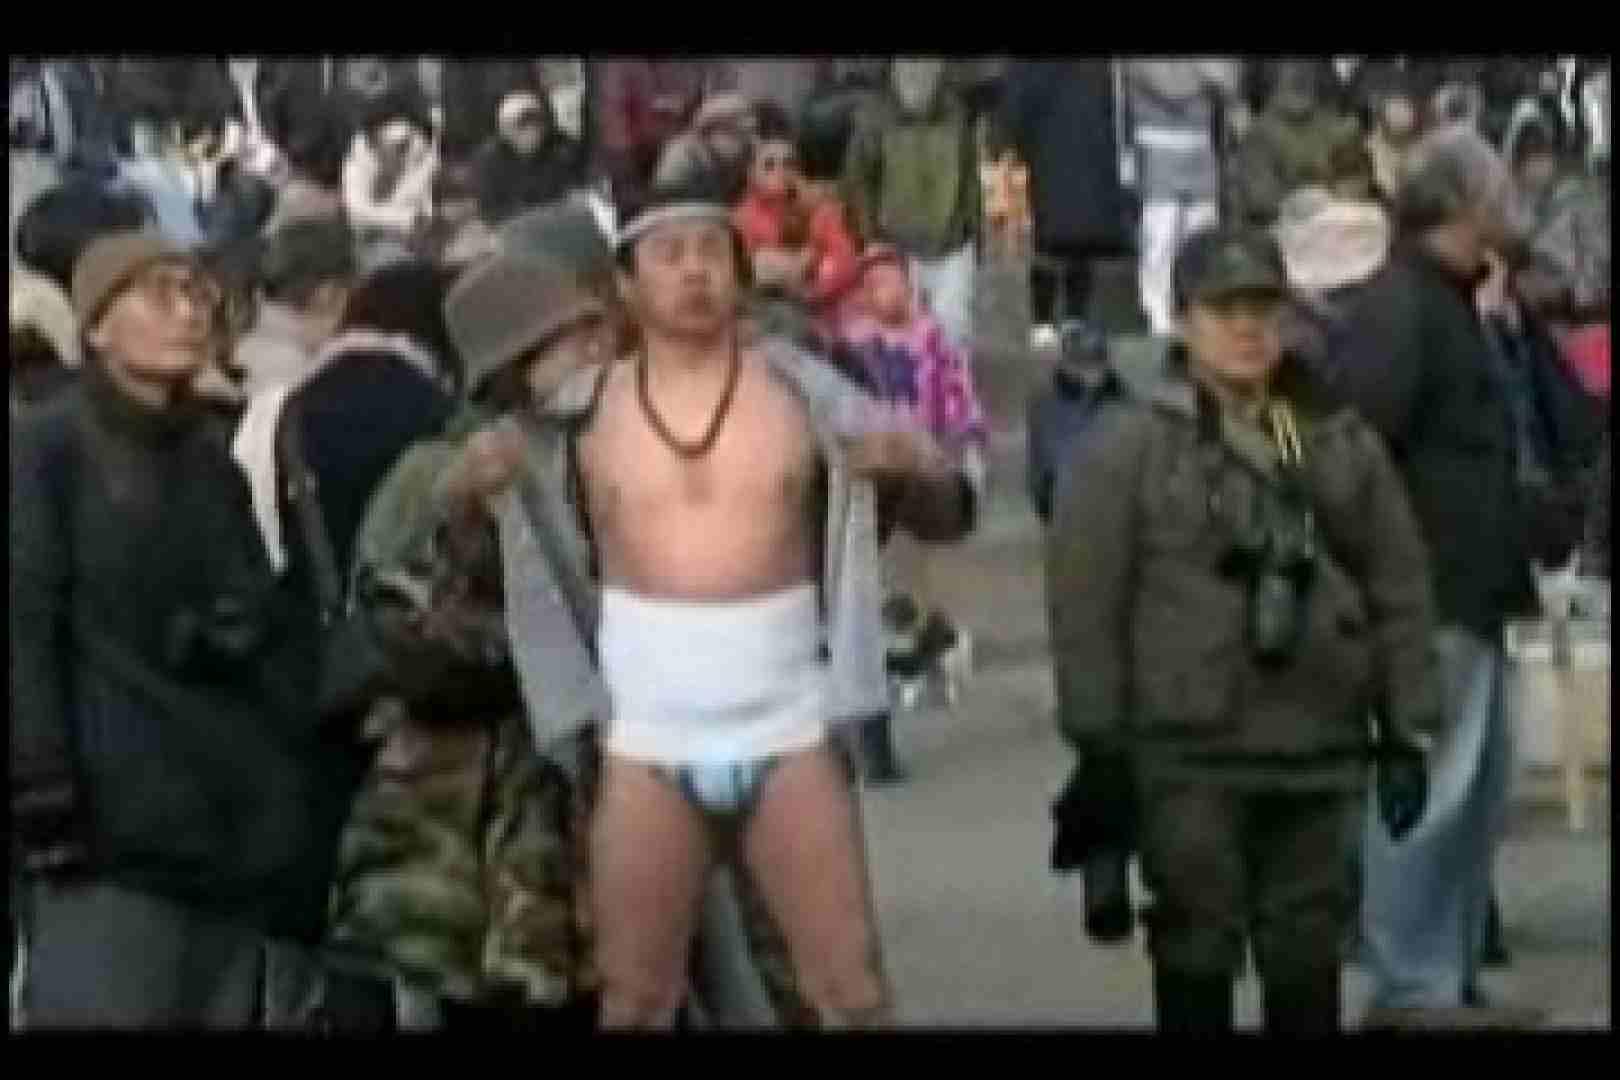 陰間茶屋 男児祭り VOL.1 野外露出セックス | 複数人プレイ ゲイ素人エロ画像 90枚 71